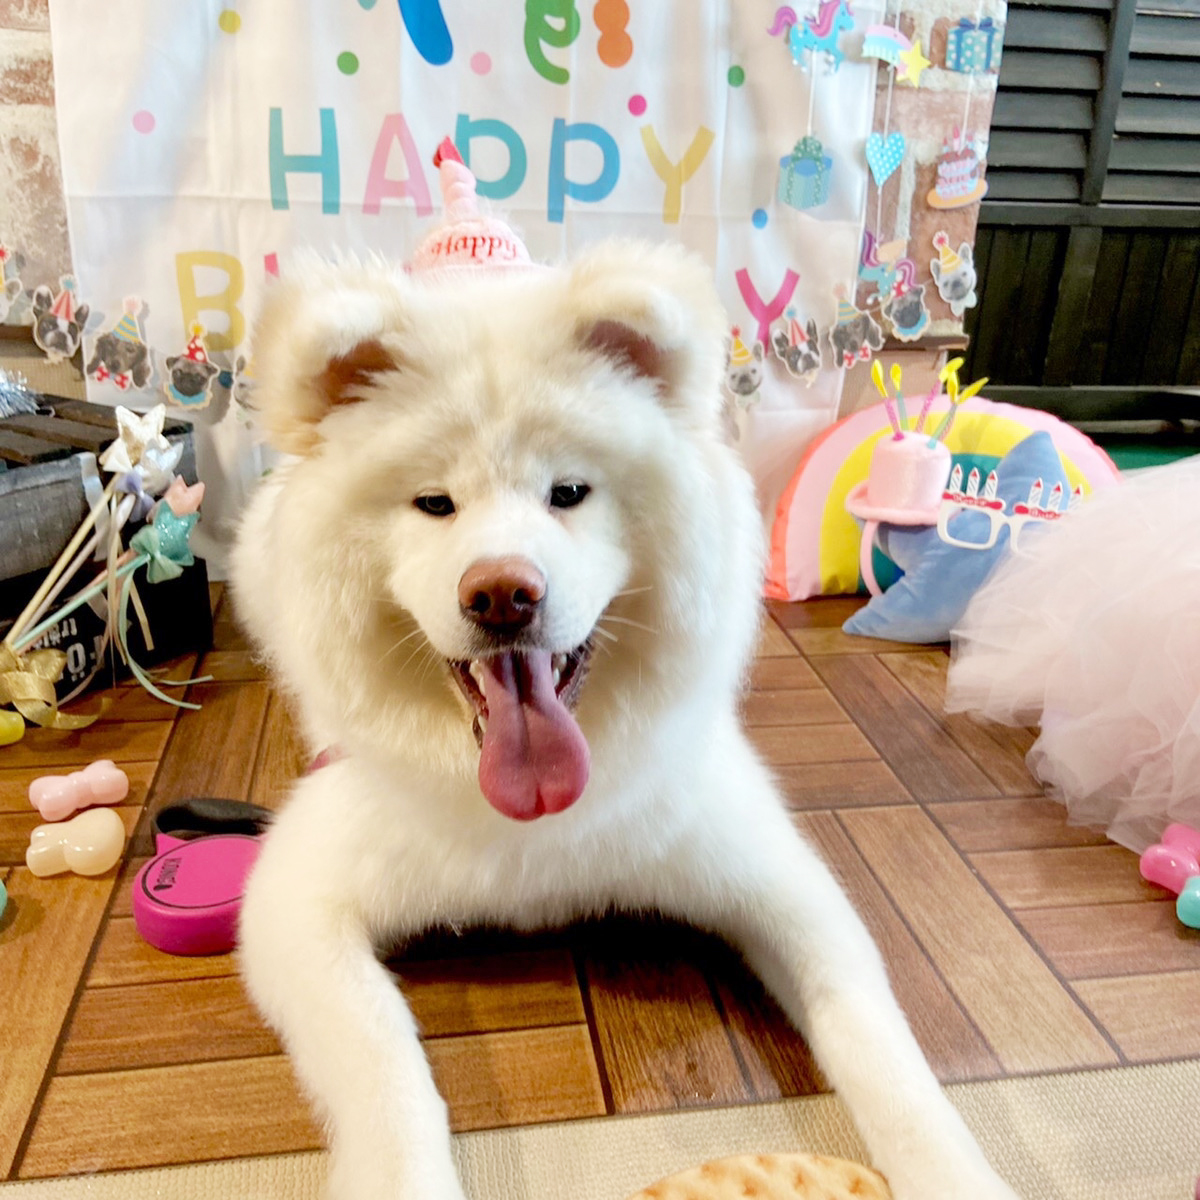 【9月】ドッグパークよりお誕生日プレゼントのご案内です🎁